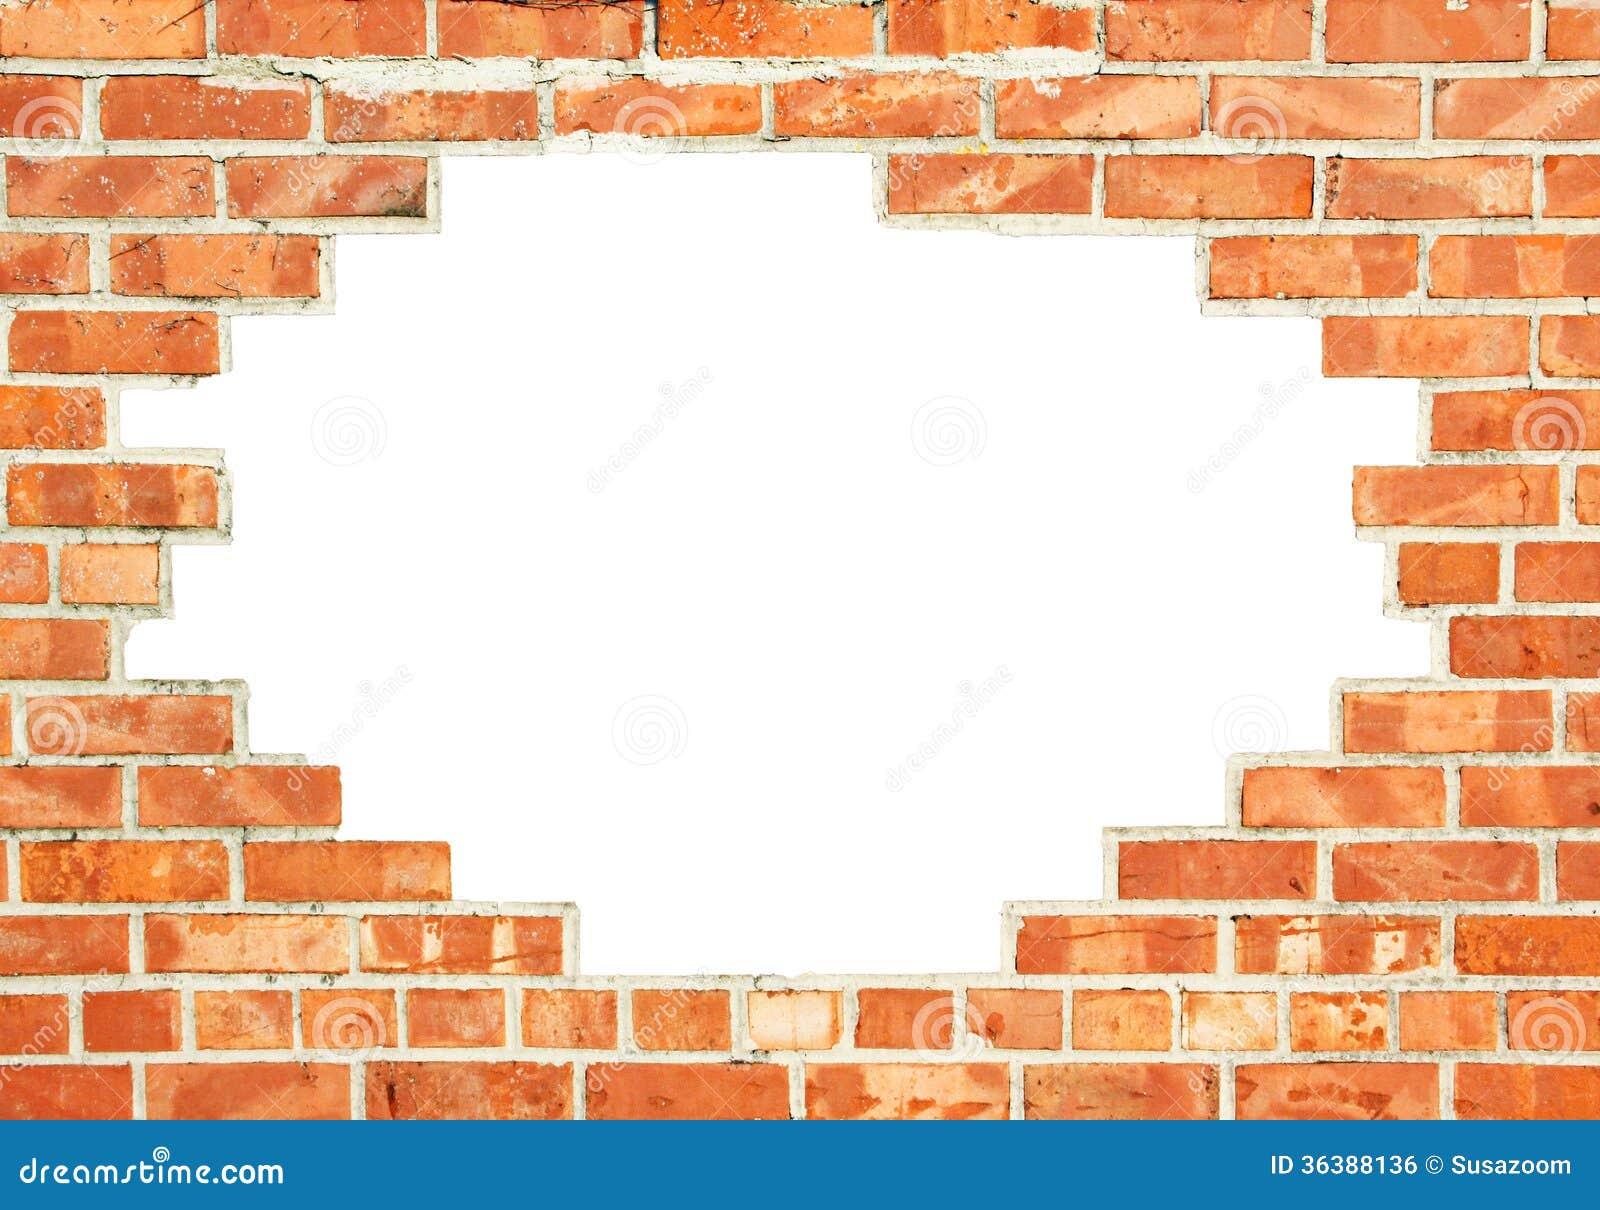 Pared de ladrillo roja con hueco imagen de archivo libre - Ladrillos para pared ...